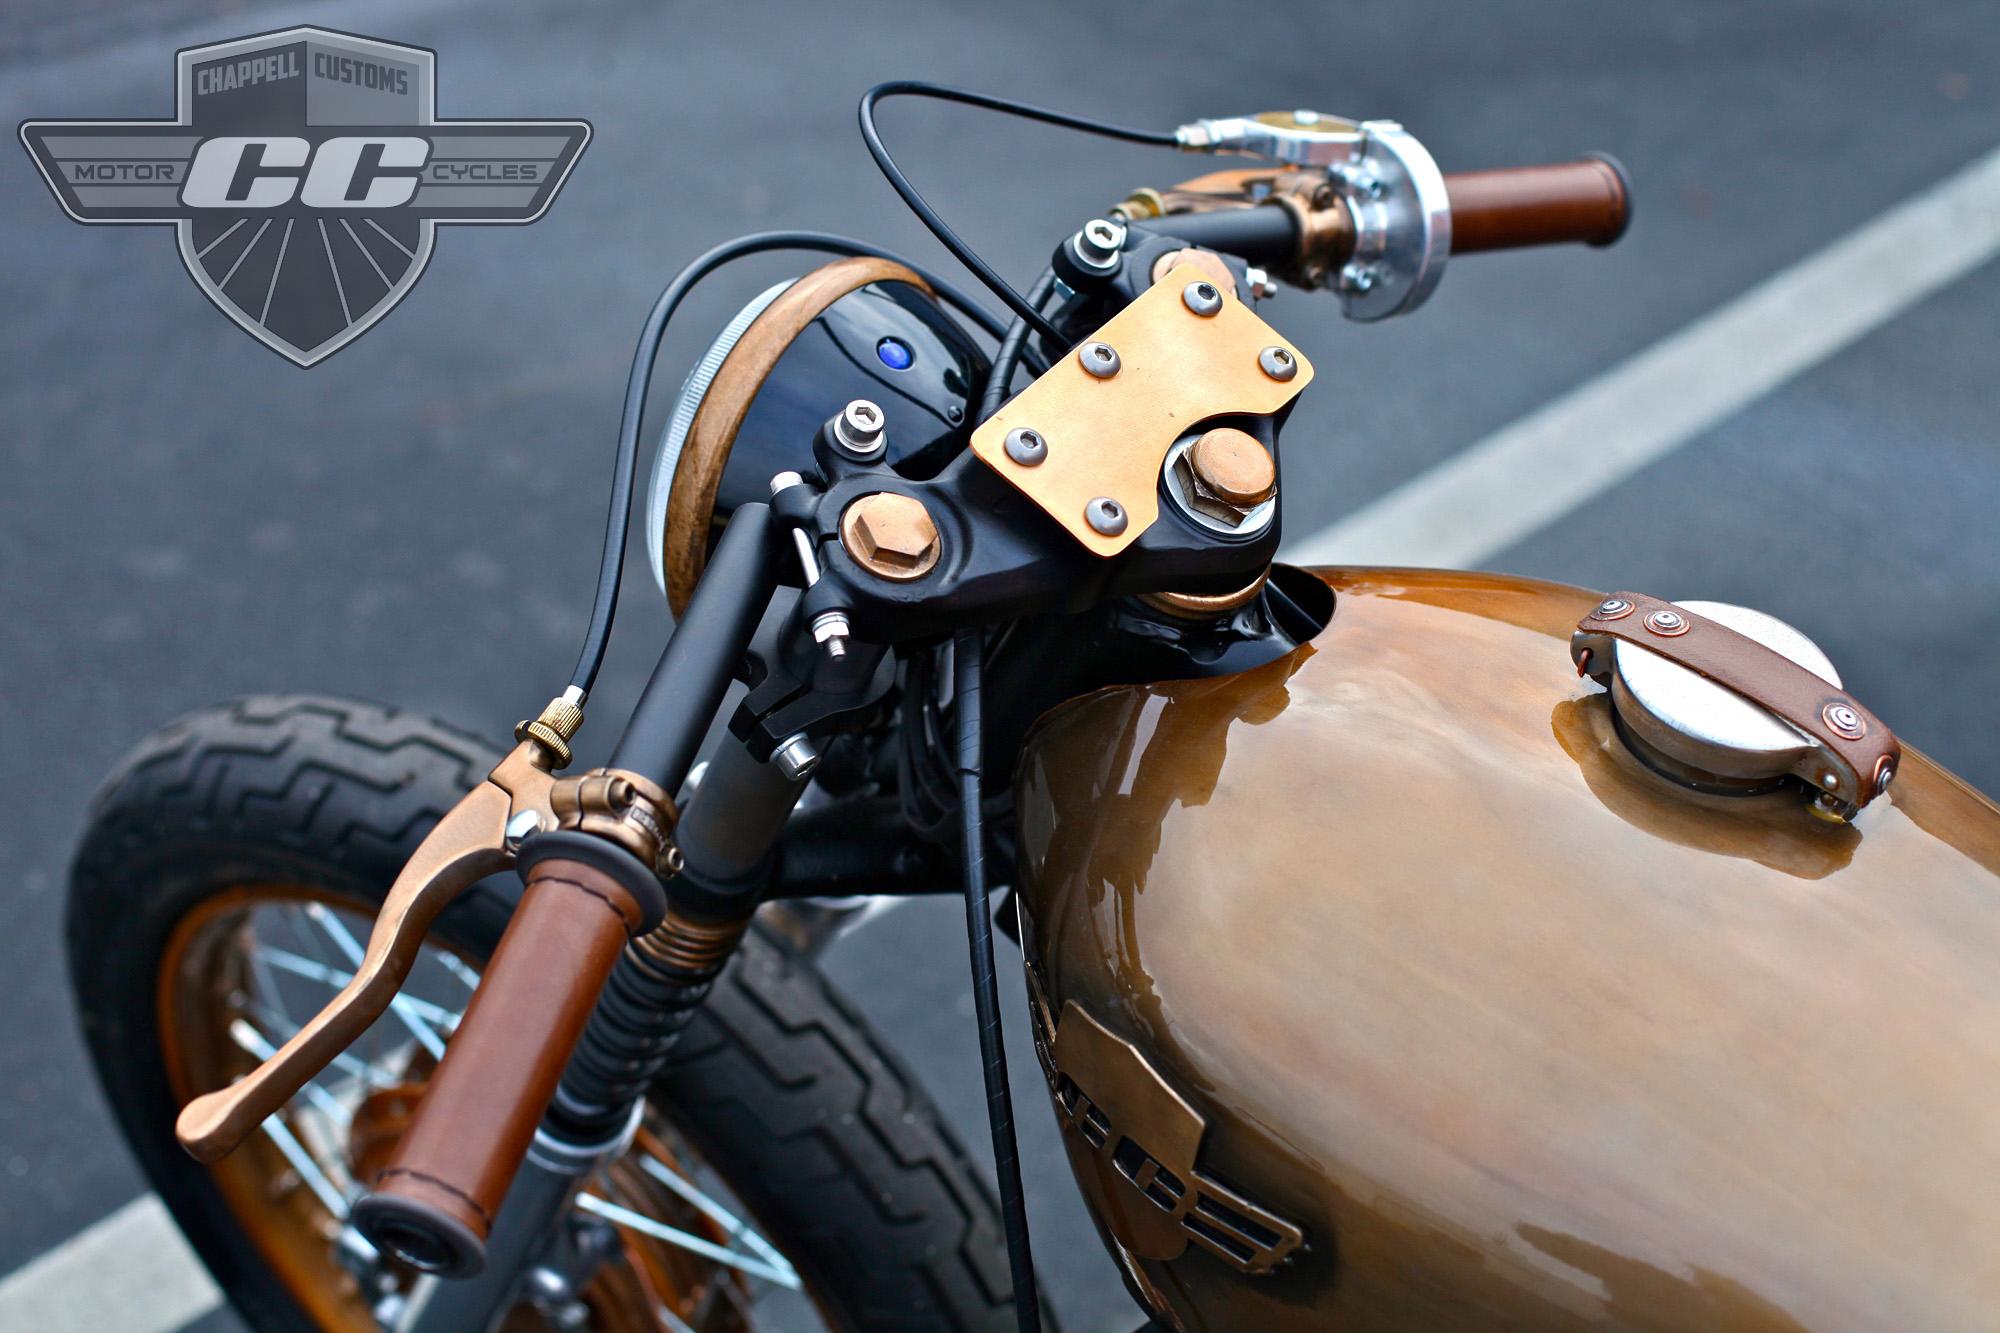 Copper (Steampunk) Honda CB350 Cafe. 1972 CB350